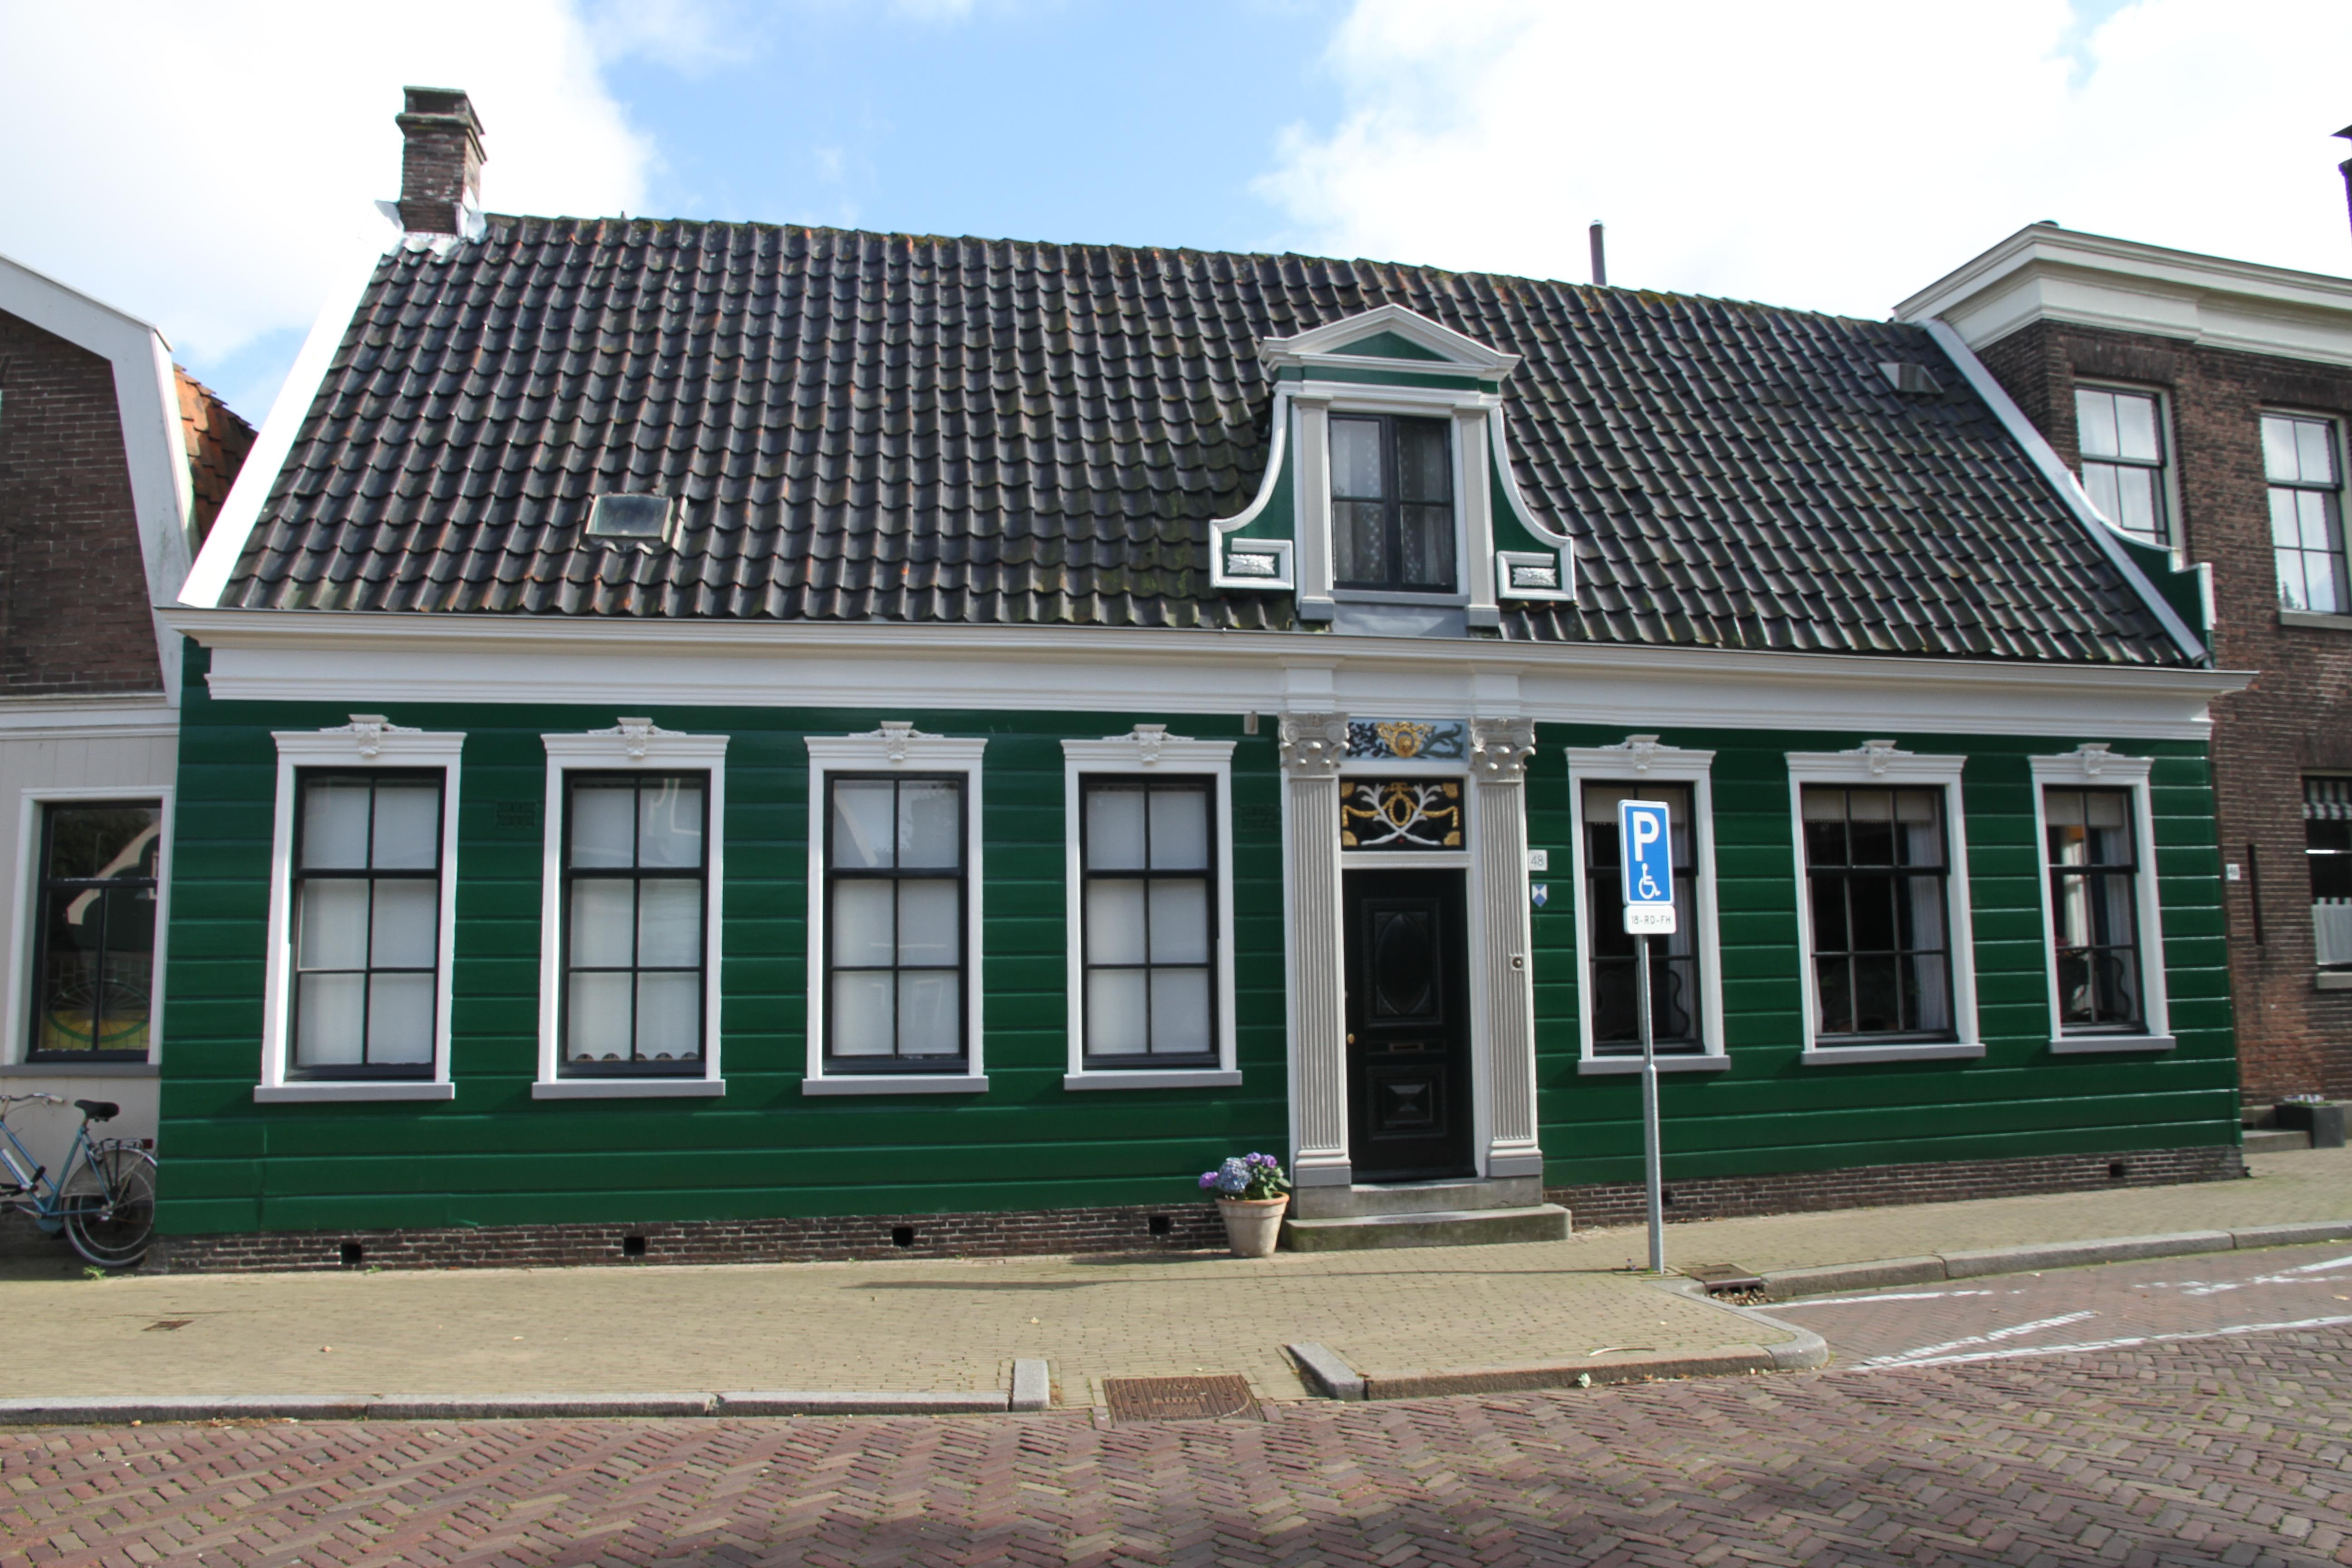 Houten huis in zaandijk monument - Houten huis ...